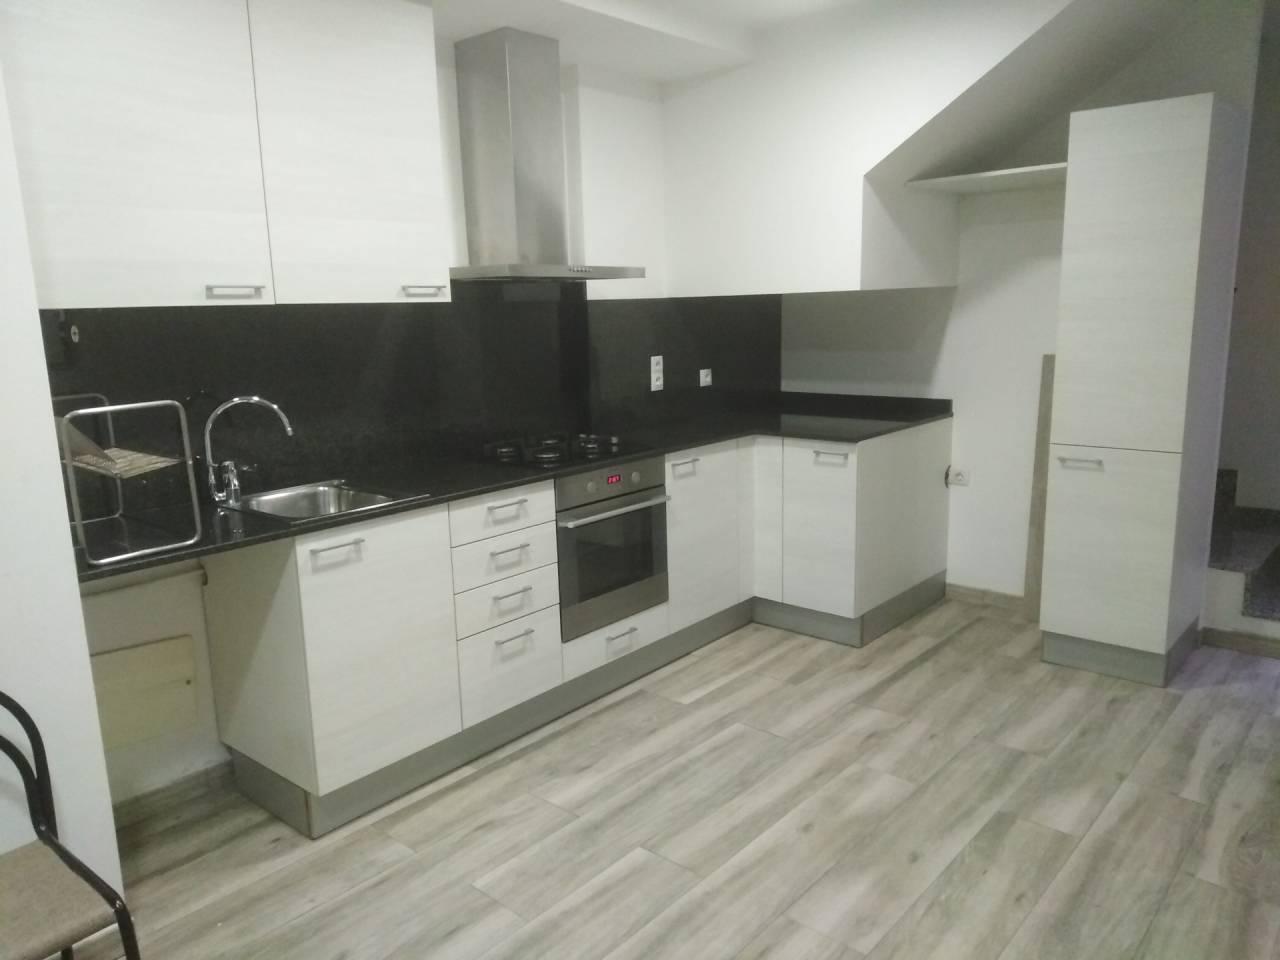 Alquiler Piso  Calle sant isidre. Duplex como nuevo con 2 terrazas!!!! , superf. 75 m²,  2/3 habit